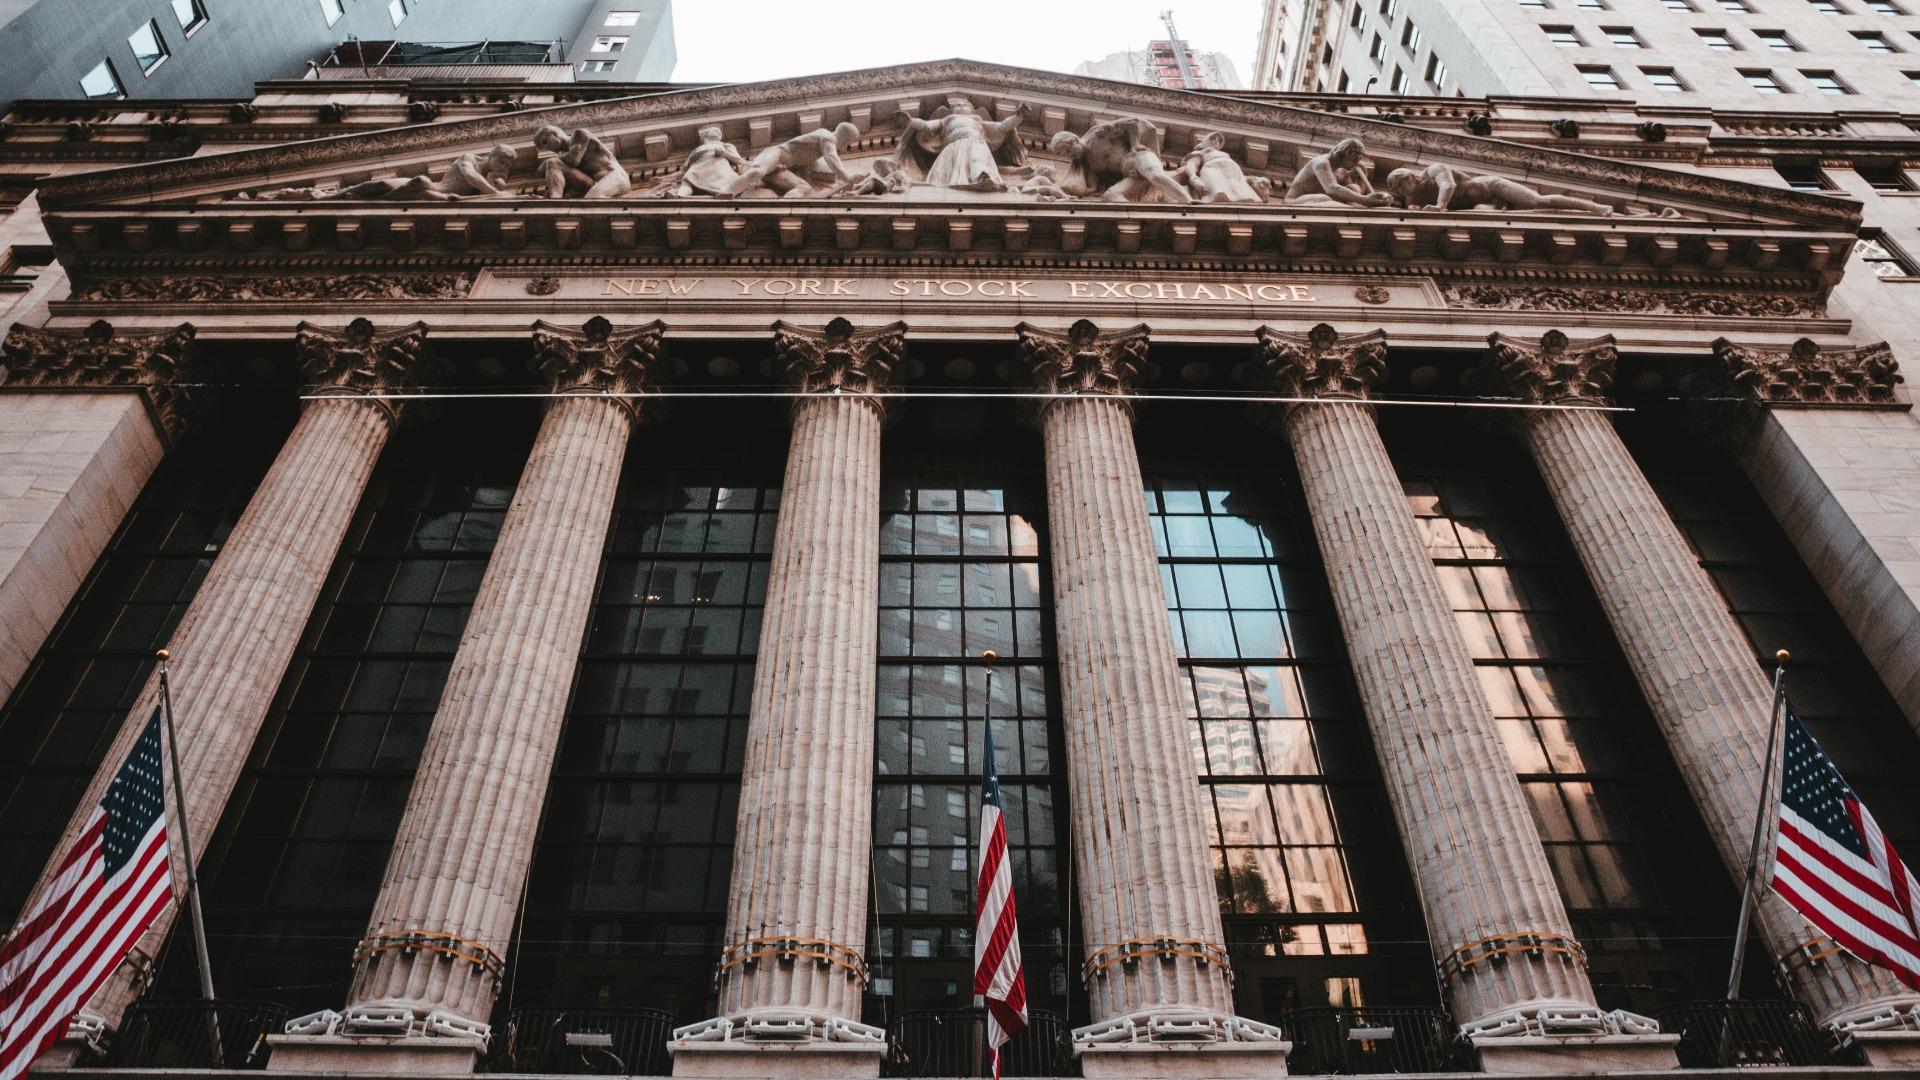 《【万和城网上平台】1-3年后,美国会爆发金融危机?(视频文字稿)》